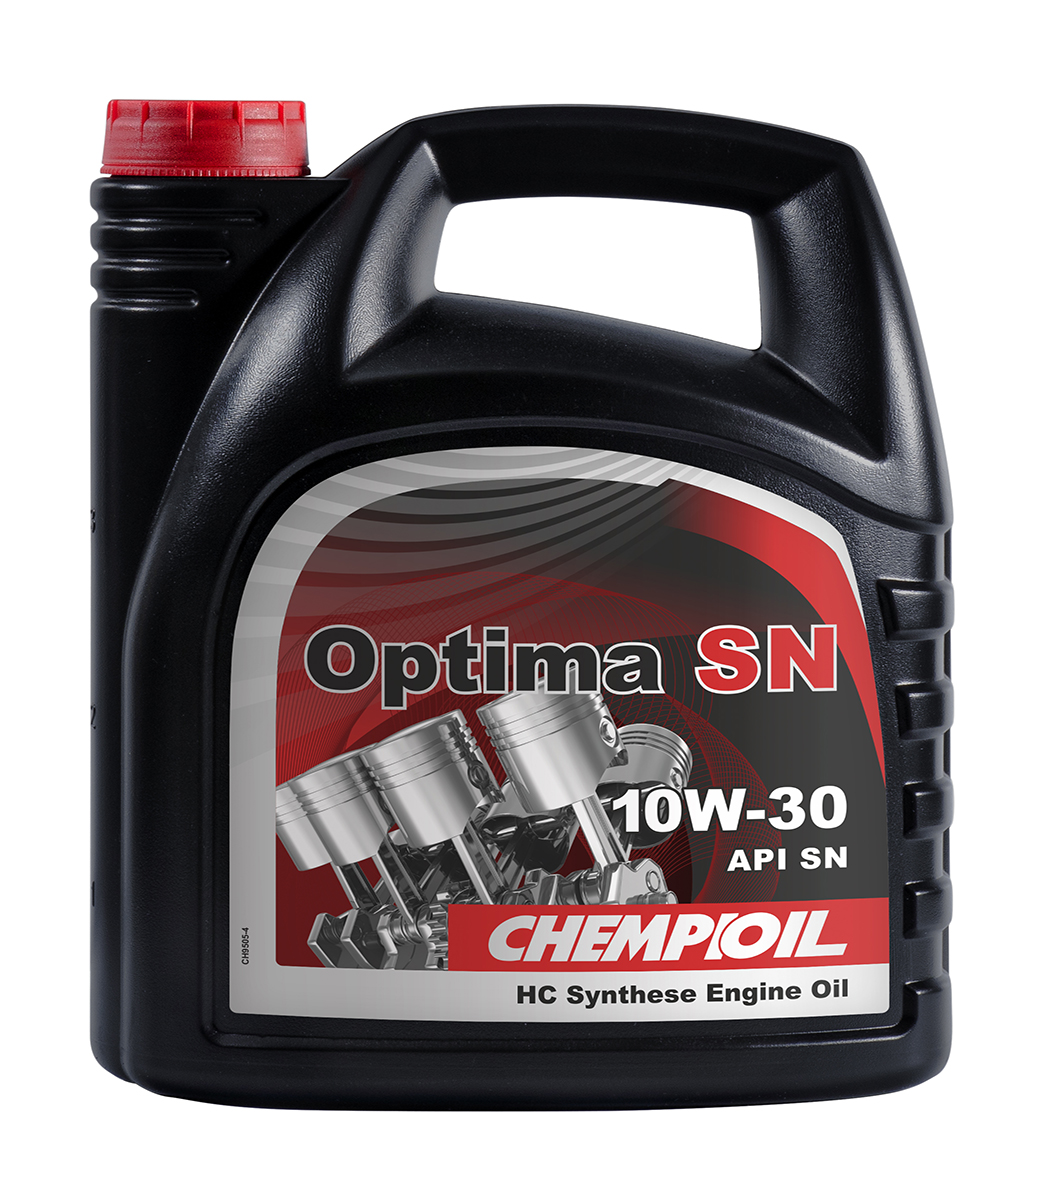 OPTIMA SN 10W-30